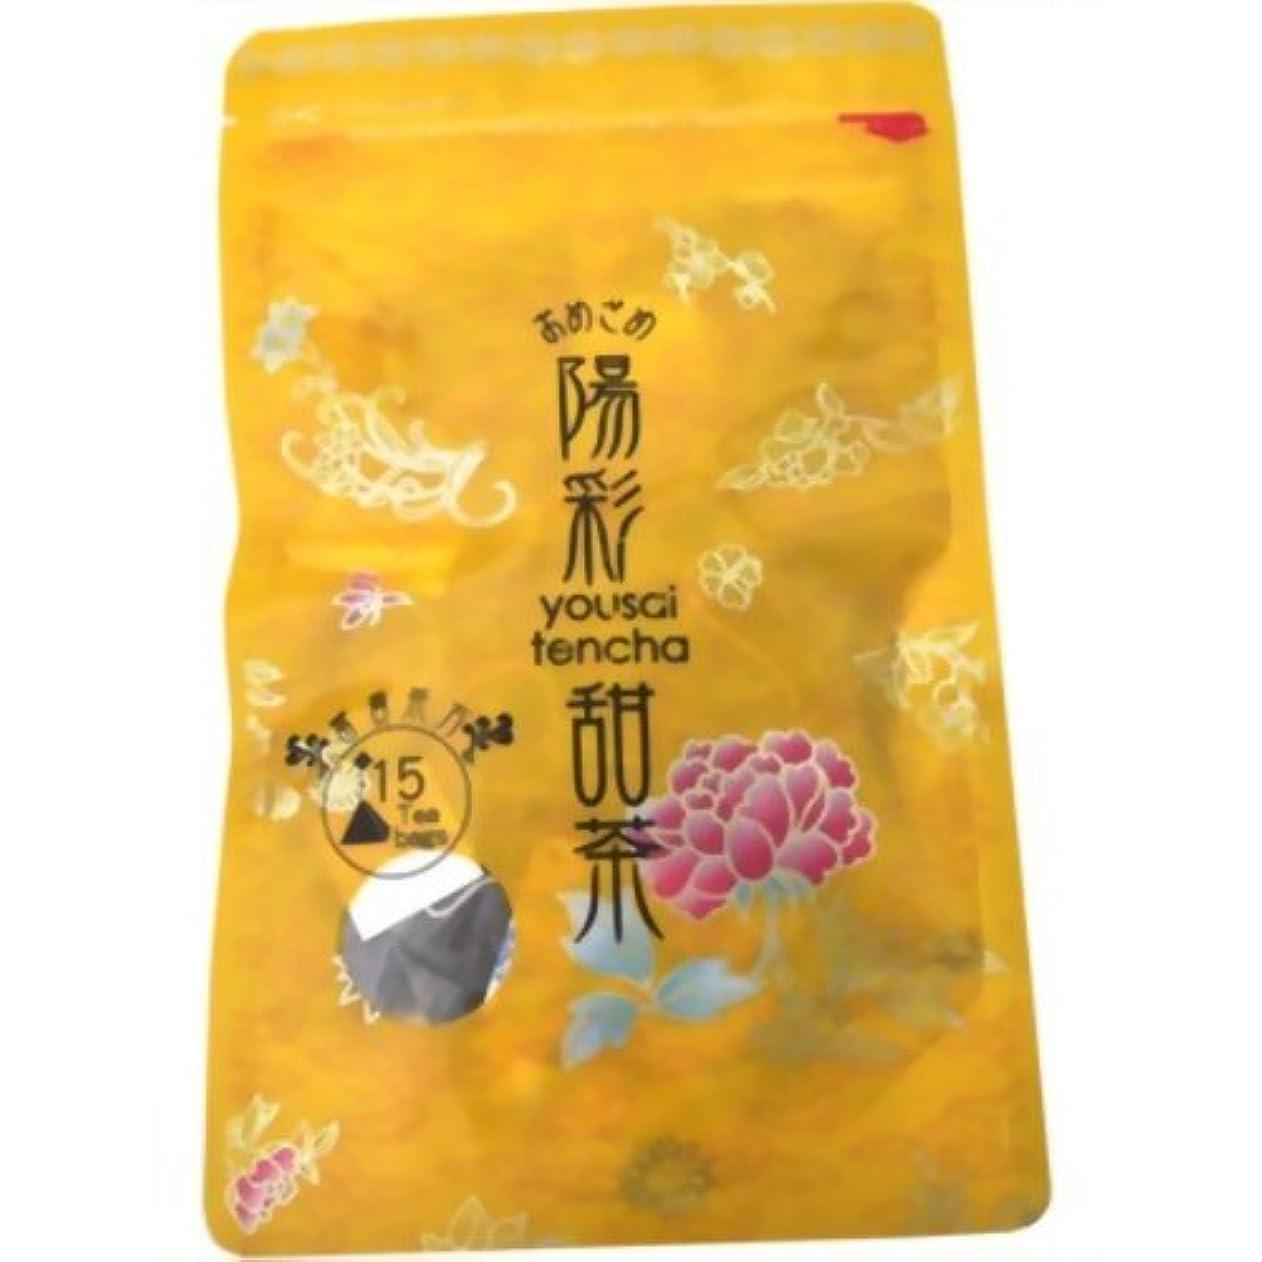 窓を洗うエキゾチック日焼けおめざめ陽彩甜茶 1.5gx15袋